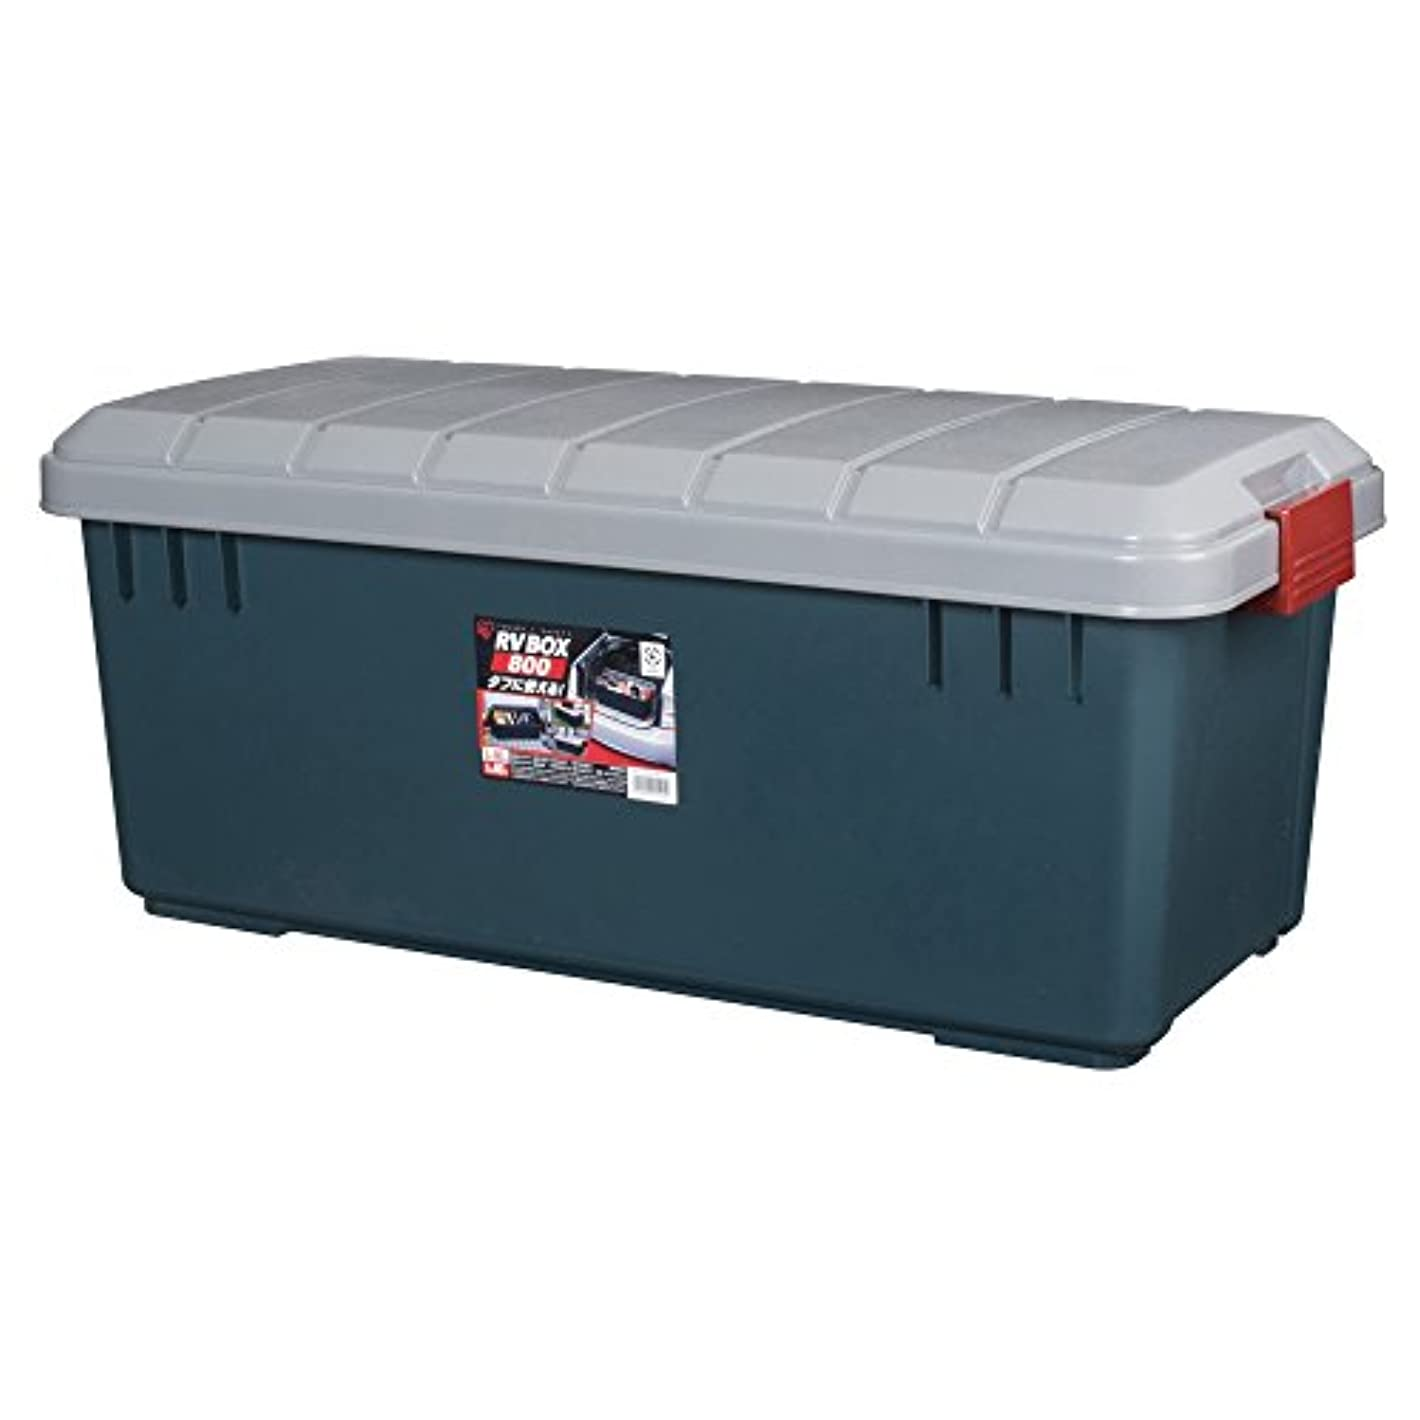 セール不確実花火アイリスオーヤマ ボックス RVBOX 800 グレー/ダークグリーン 幅78.5x奥行37x高さ32.5cm